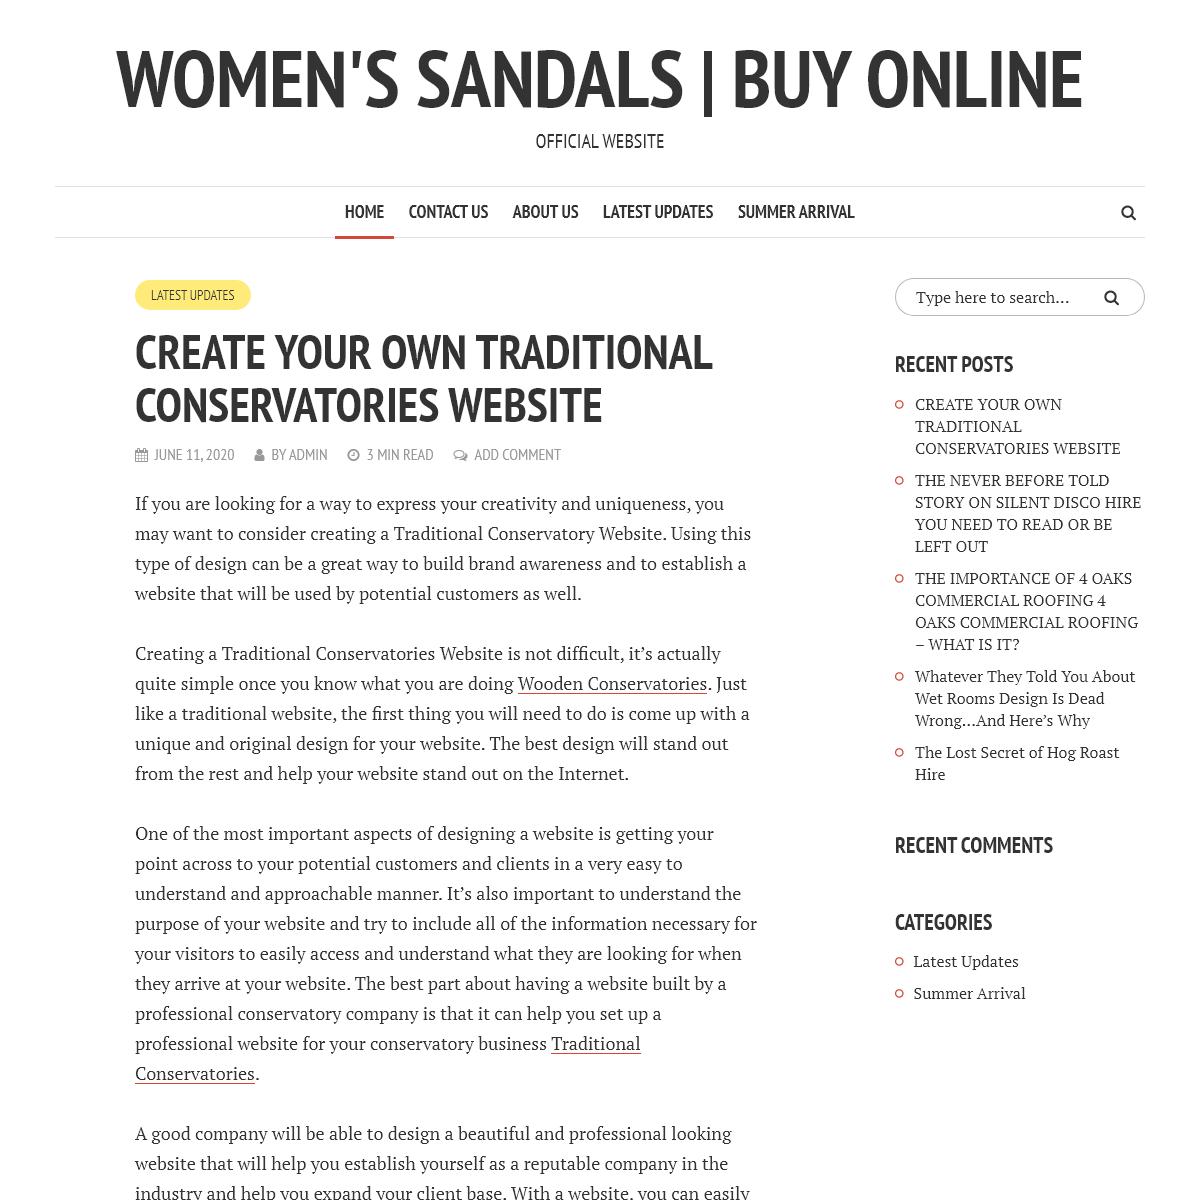 Women`s sandals - buy online - OFFICIAL WEBSITE